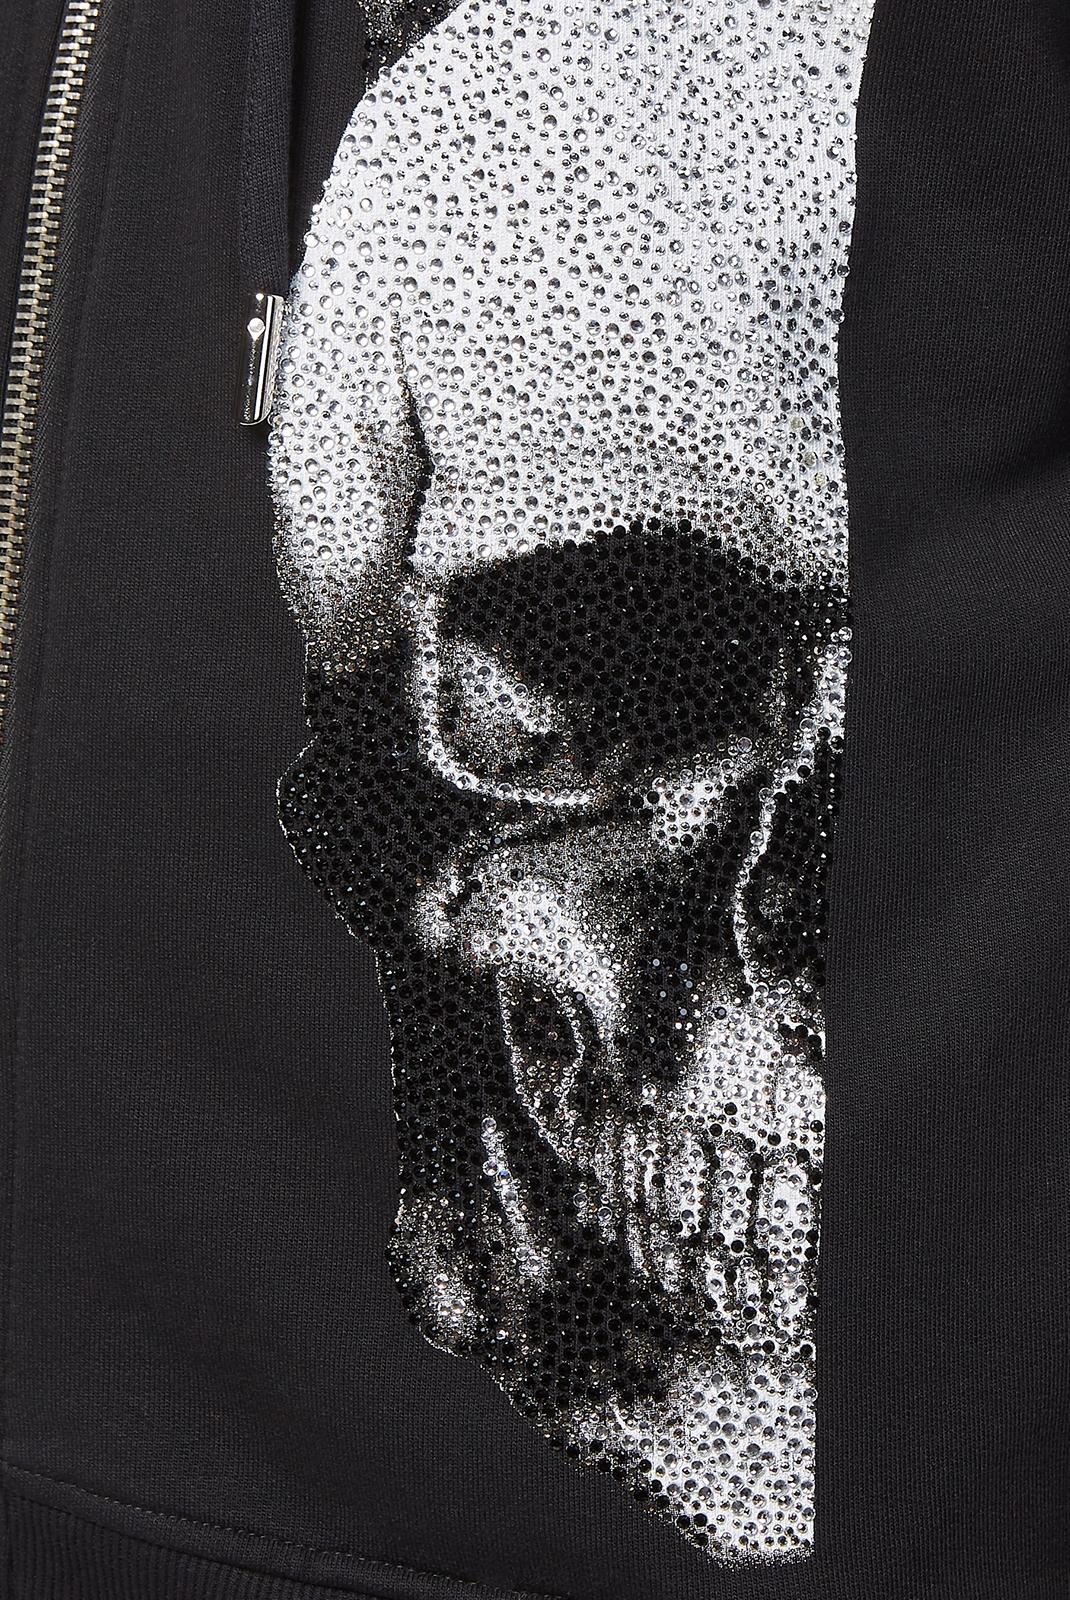 Vestes zippées  Philipp plein MJB0472 PJO002N 02 BLACK